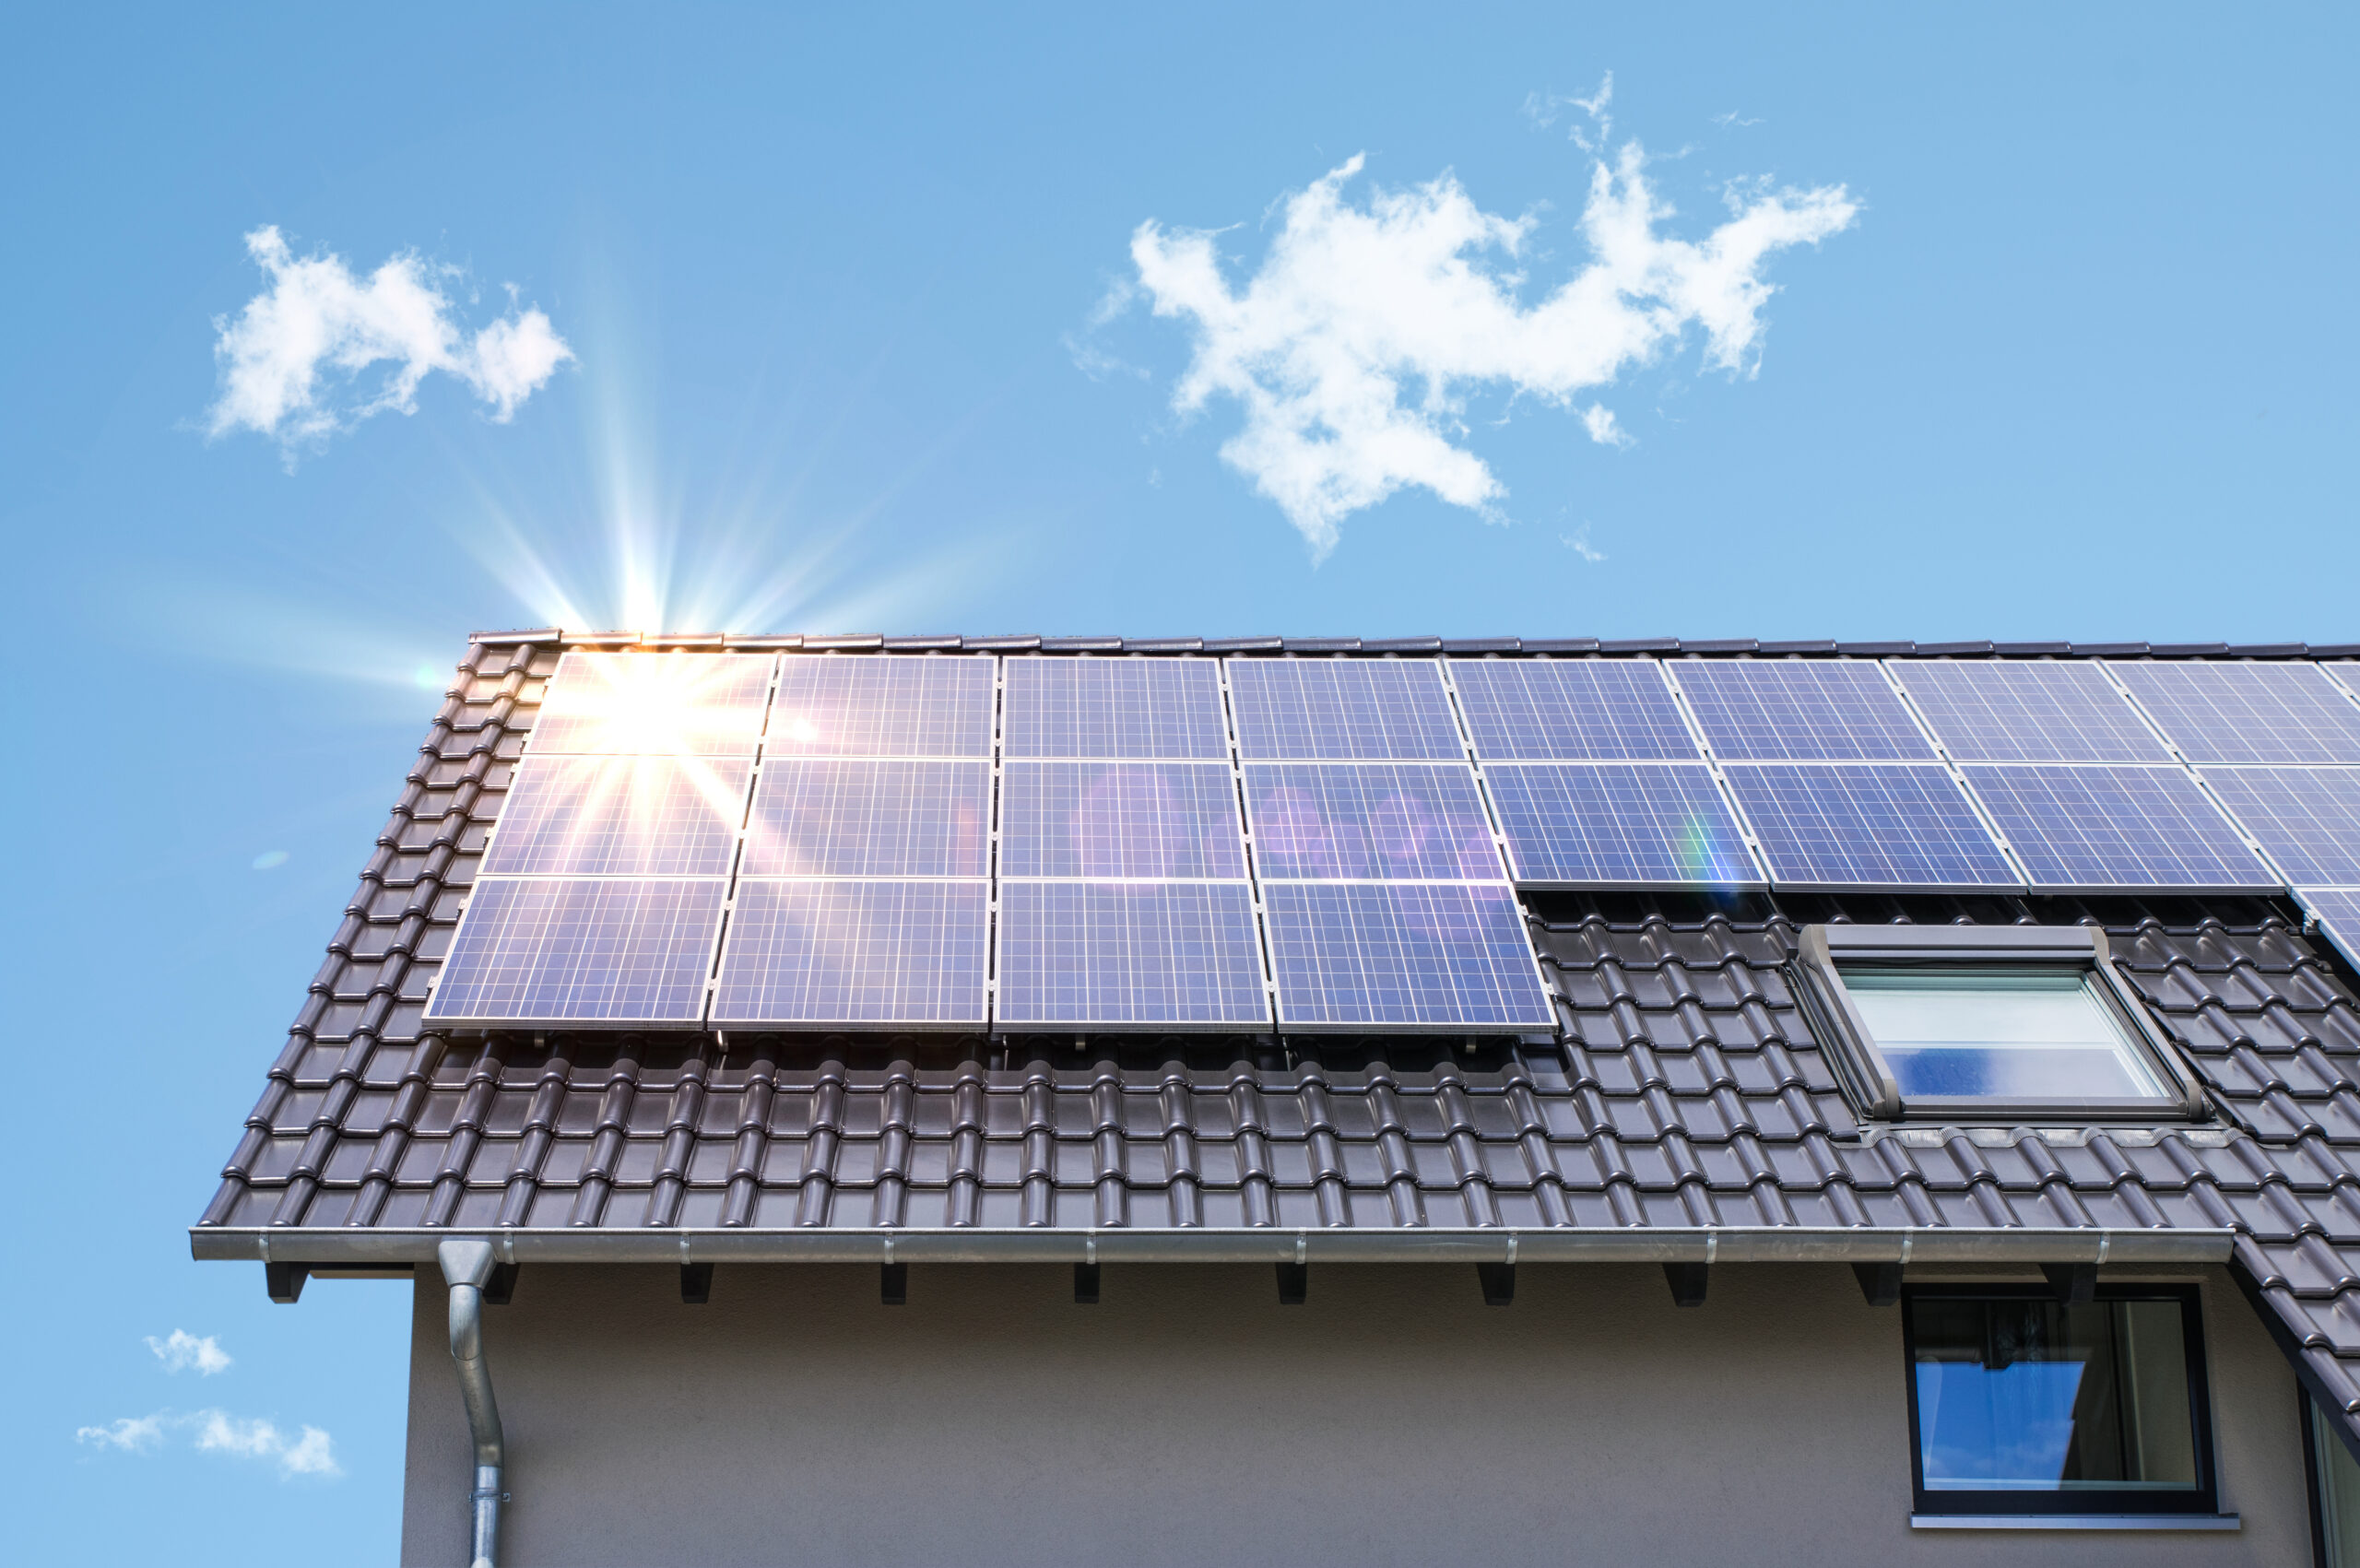 Instalacja fotowoltaiczna zainstalowana na dachu. Promienie słońca odbijają się od paneli fotowoltaicznych.